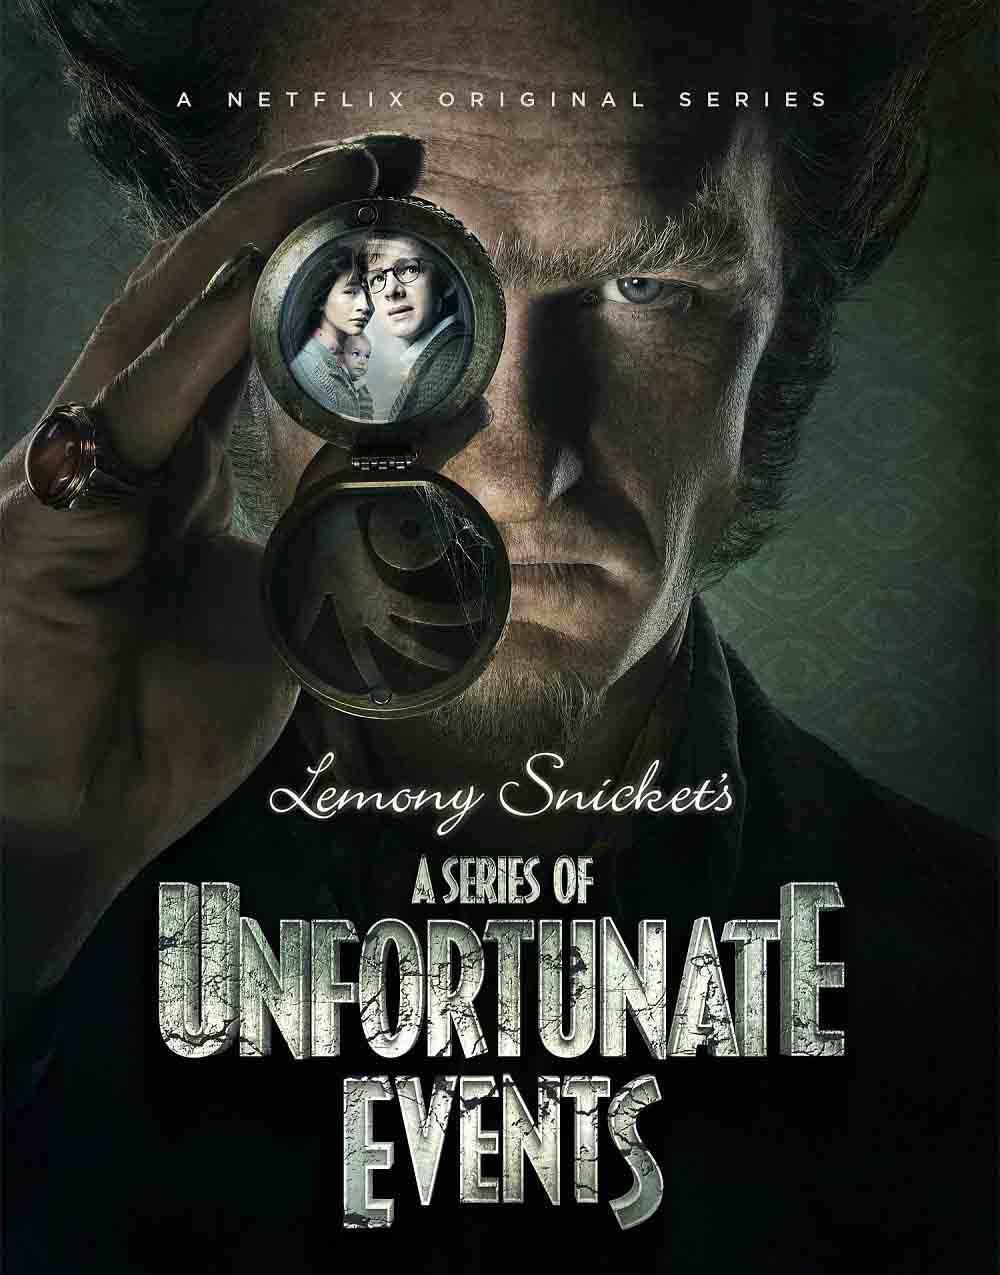 Lemony Snicket: Desventuras em Série Torrent – WEBRip 720p Dual Áudio